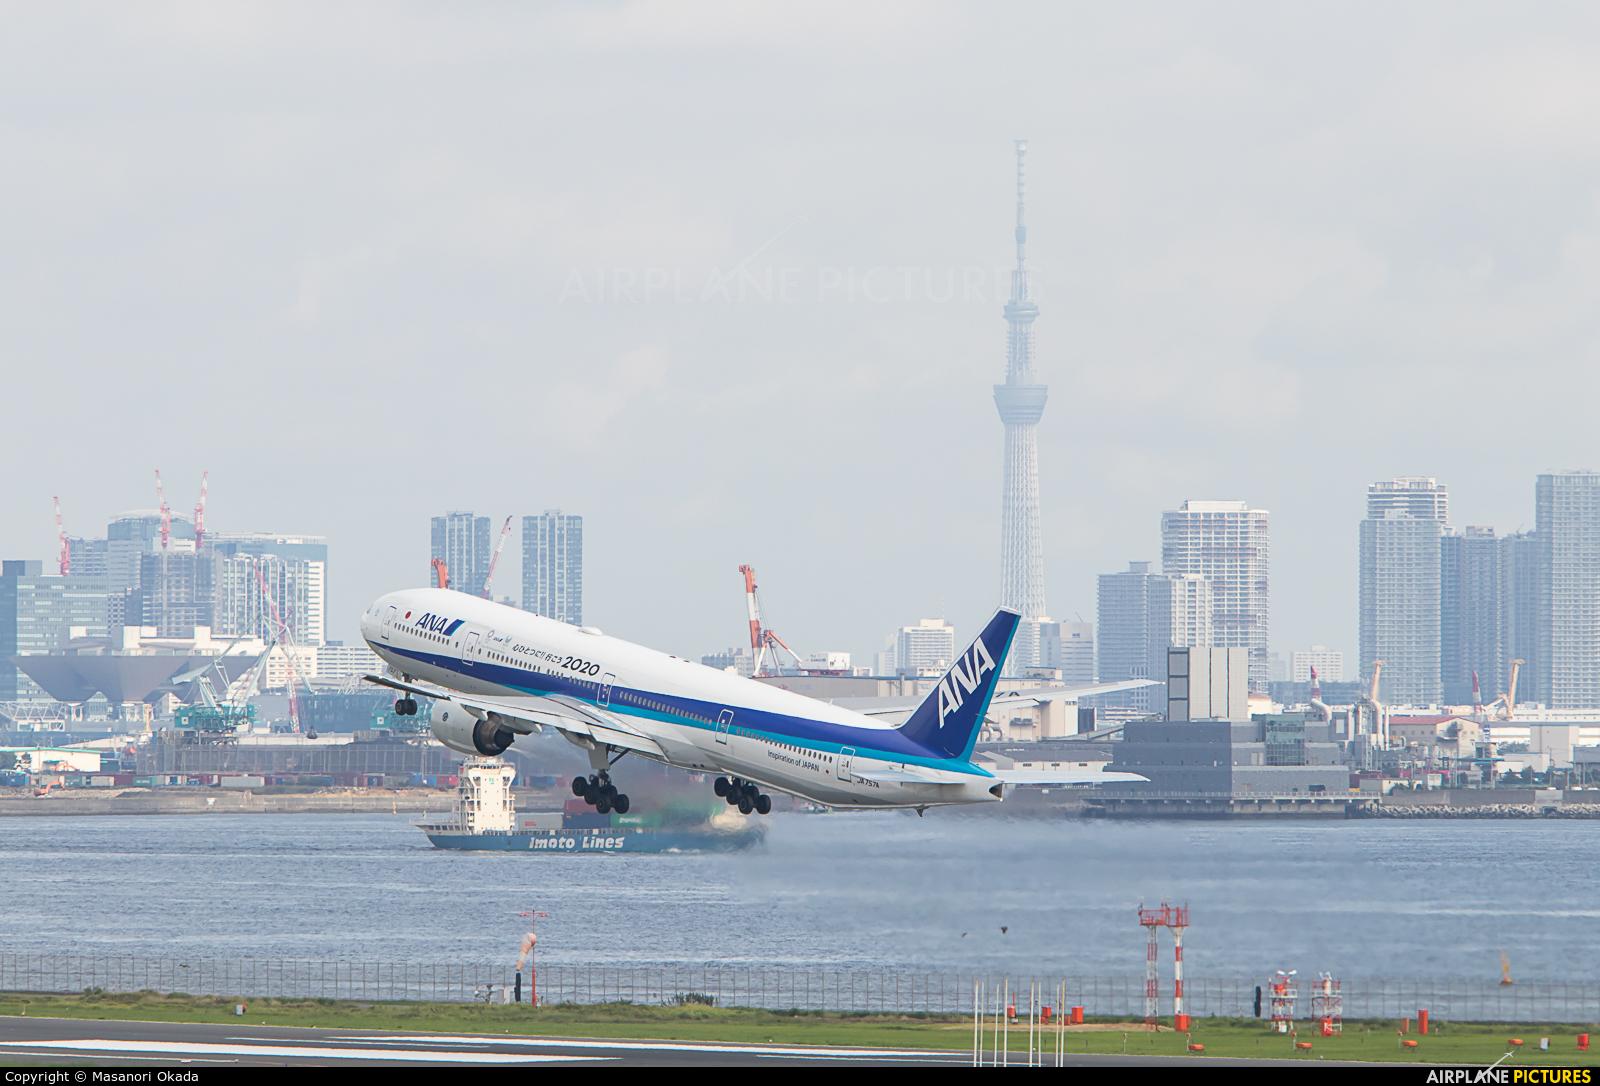 ANA - All Nippon Airways JA757A aircraft at Tokyo - Haneda Intl